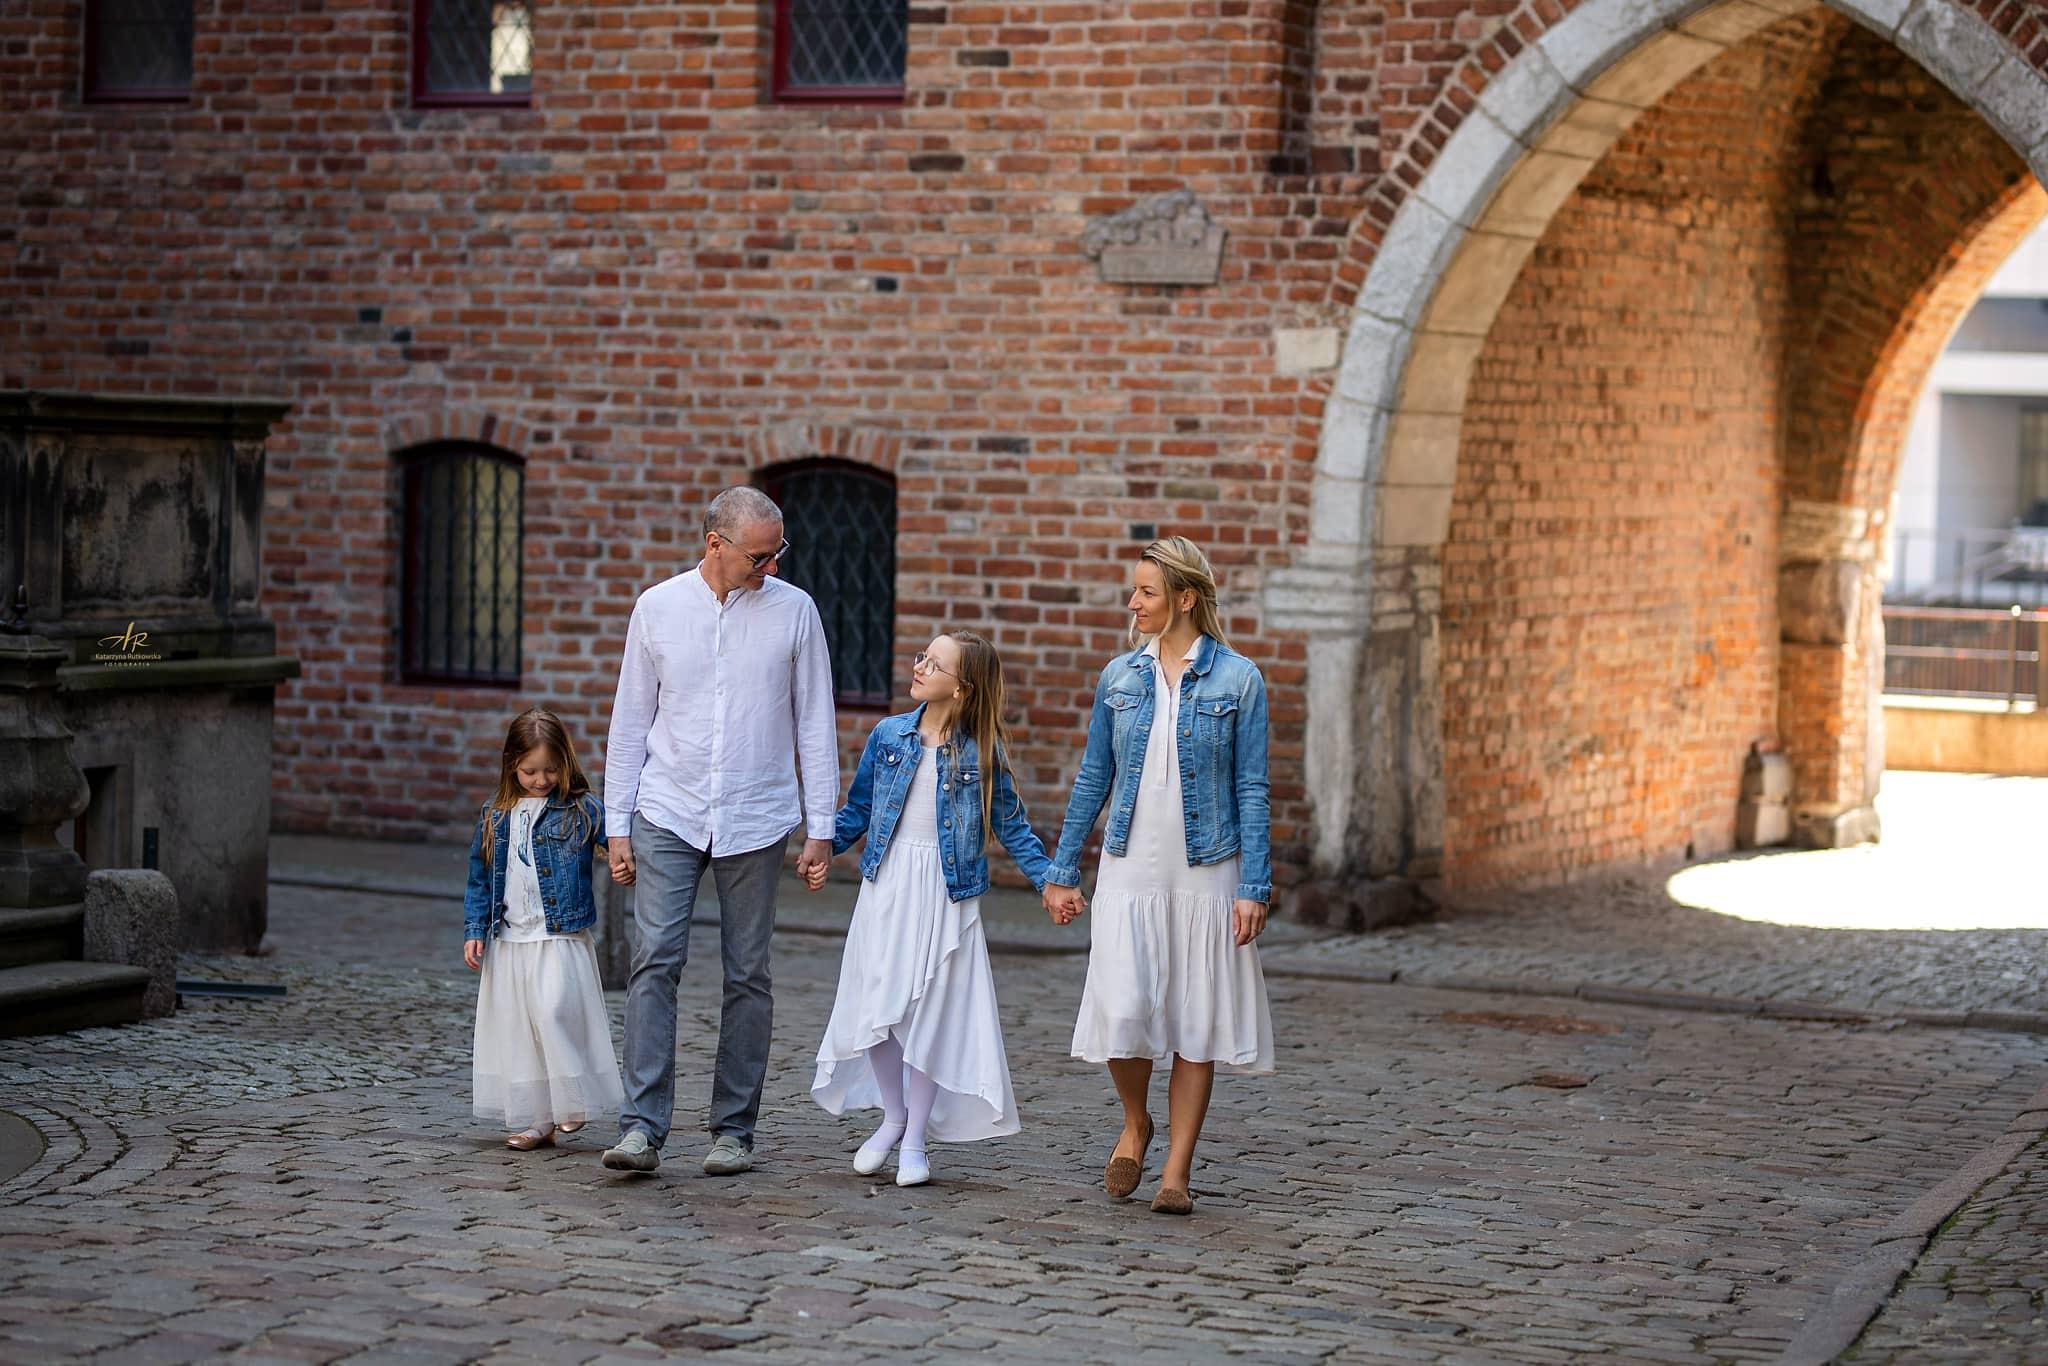 Zdjęcia rodzinne na ul. Mariackiej